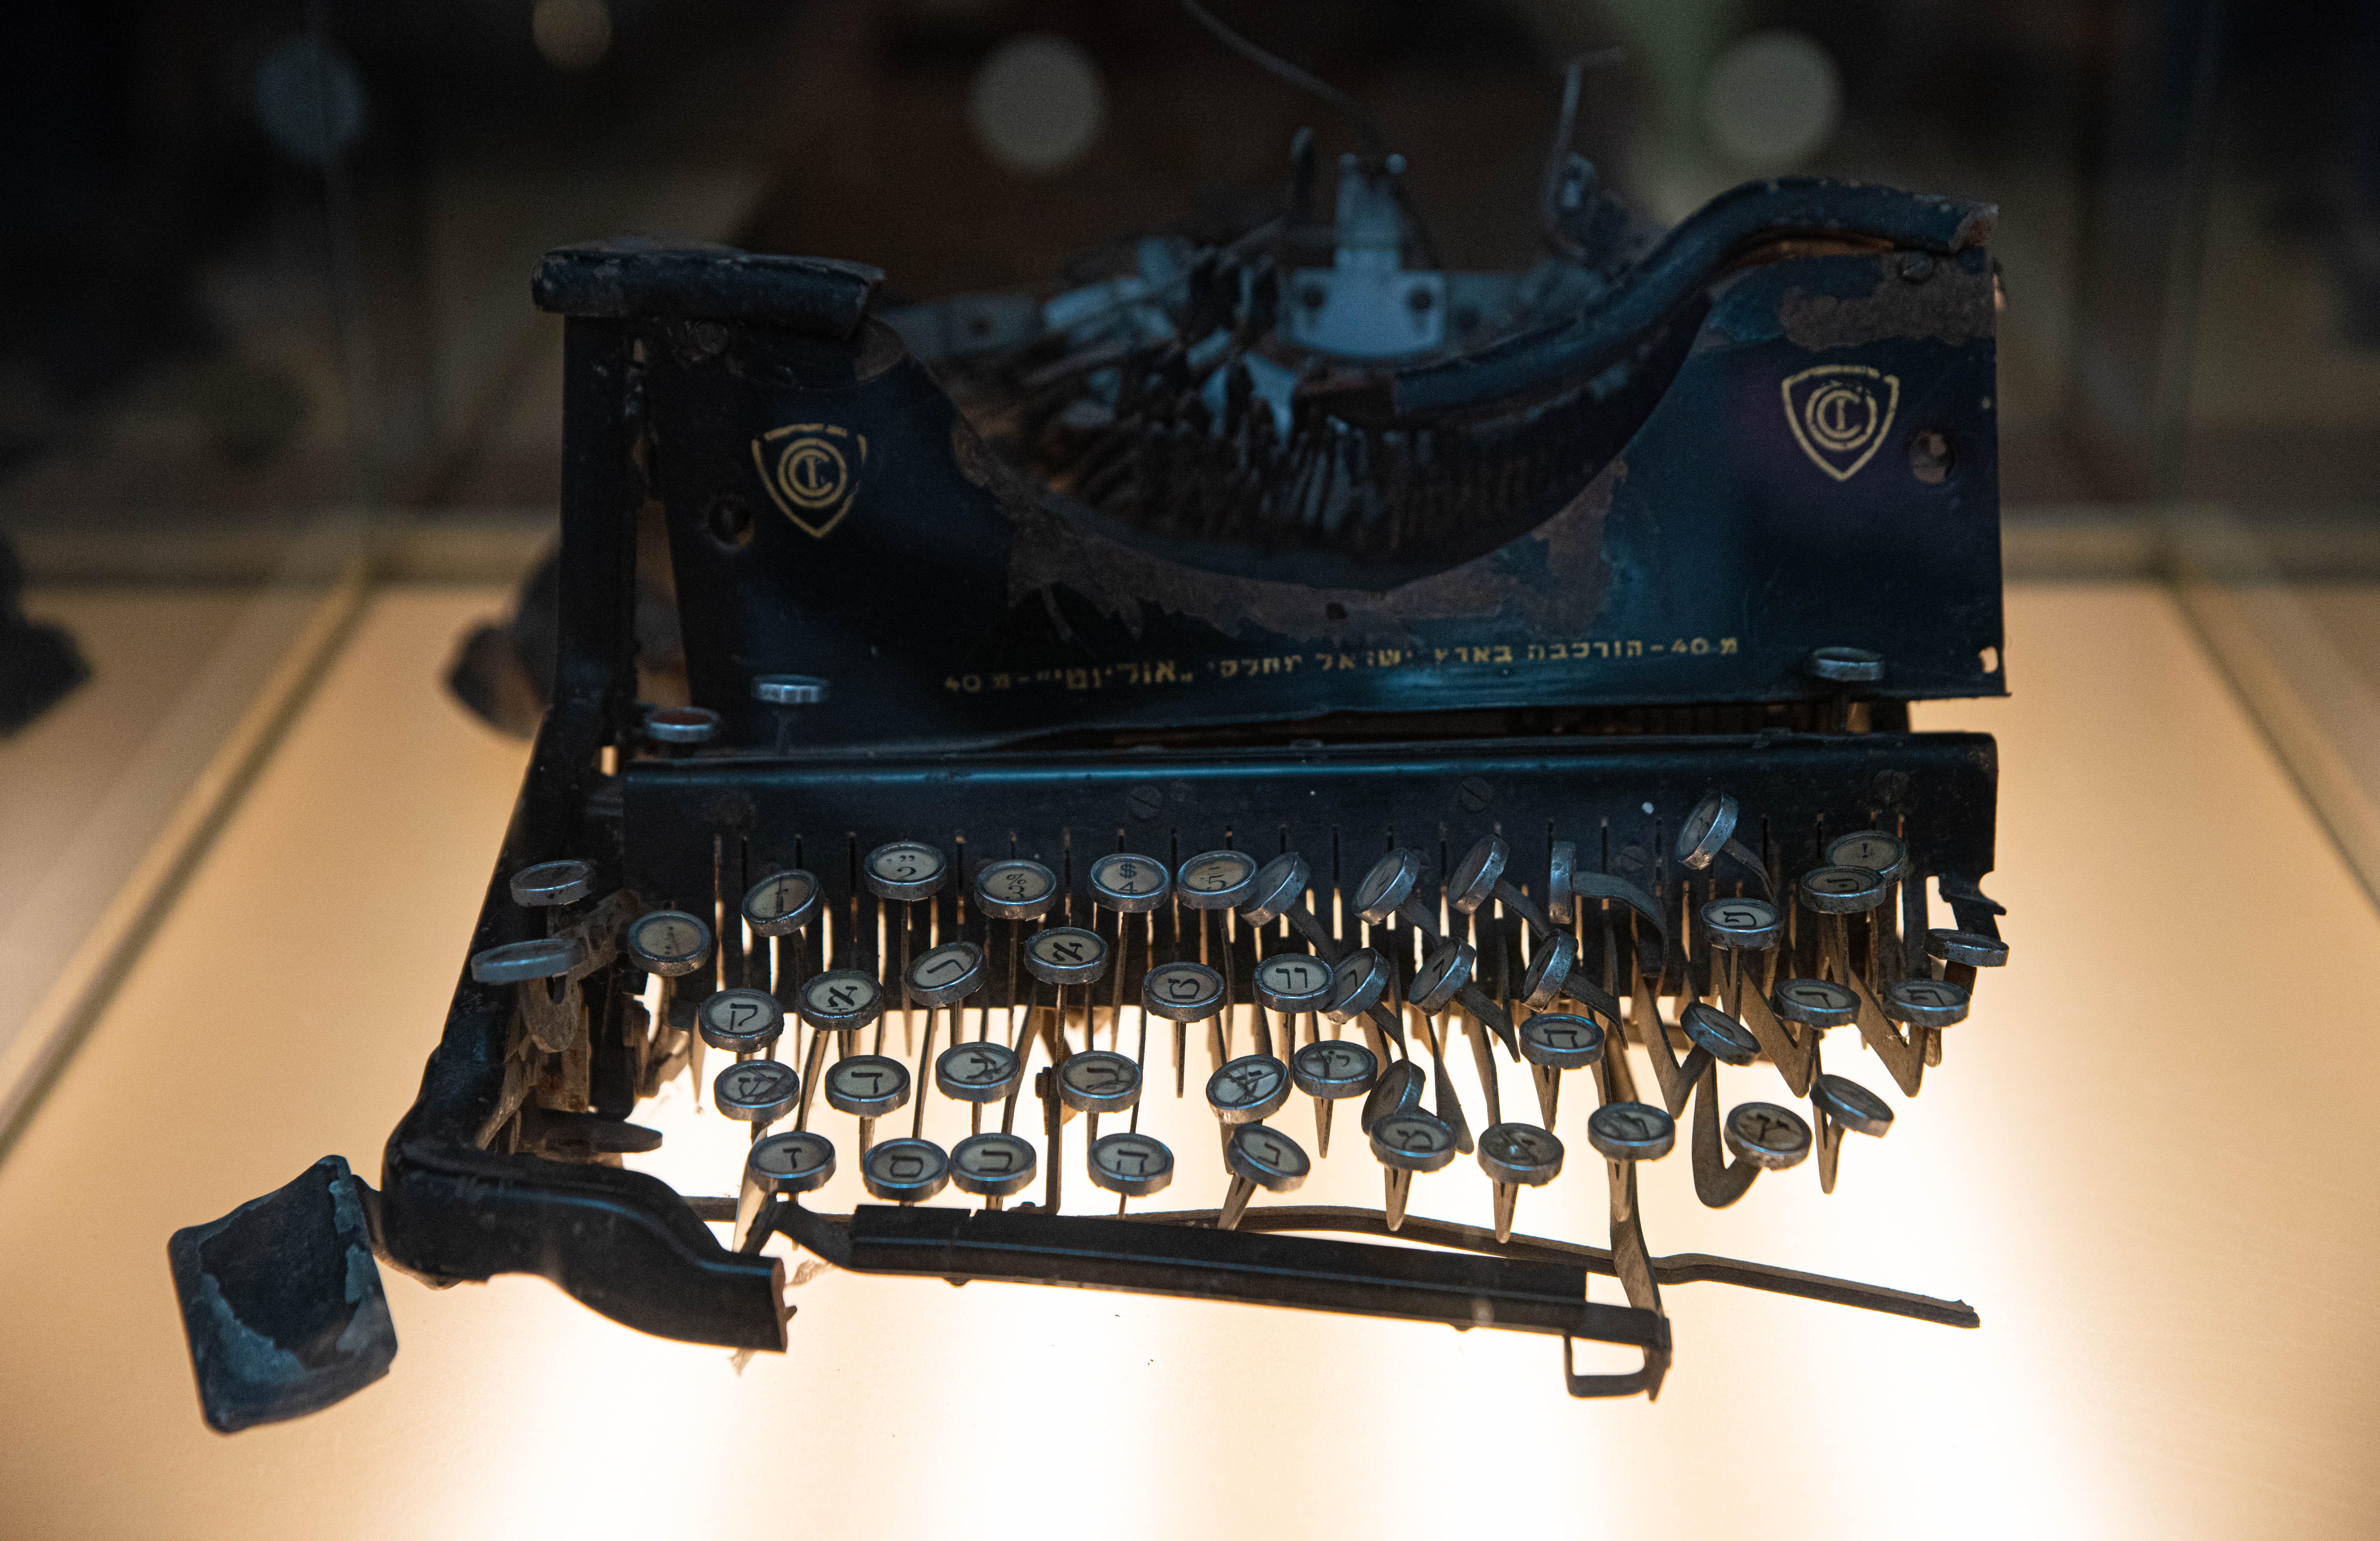 Una tumba donde recordar a las víctimas y una máquina de escribir que sobrevivió al atentado a la AMIA invita a reflexionar sobre el odio hacia el diferente